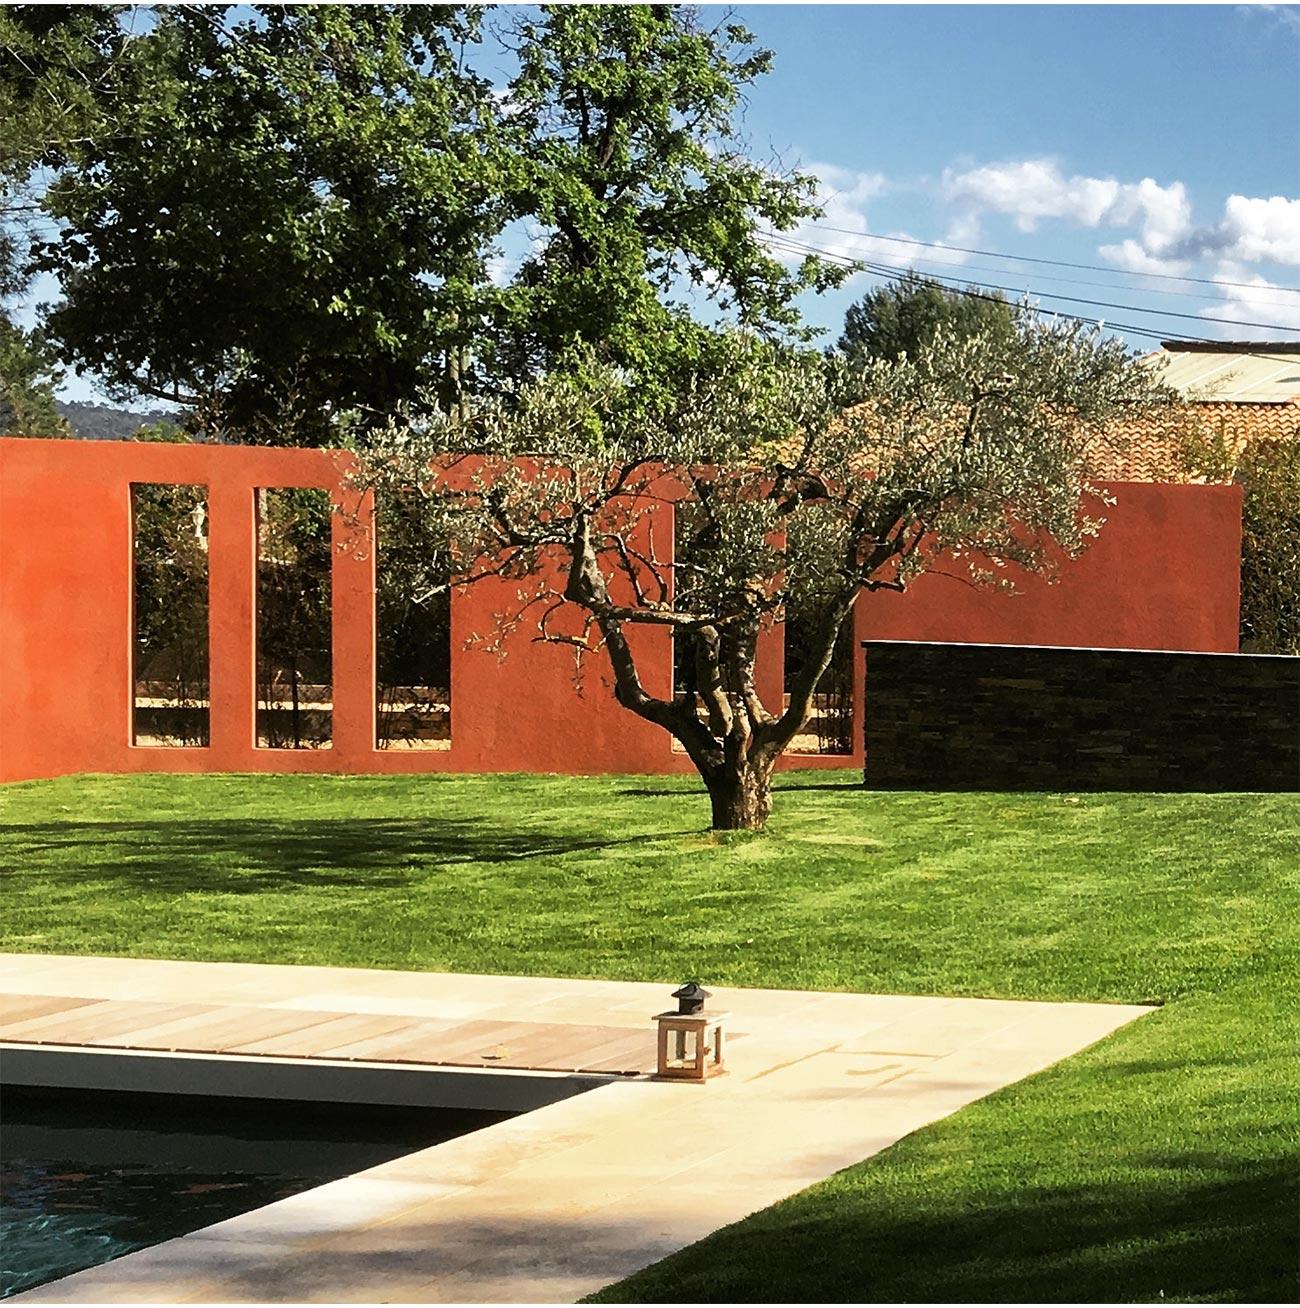 Christophe Naudier - Architecte paysagiste concepteur - Montpellier & Aix en Provence - Jardin contemporain - MUR - Aménagement jardin - FRANCE 3 IN SiTU